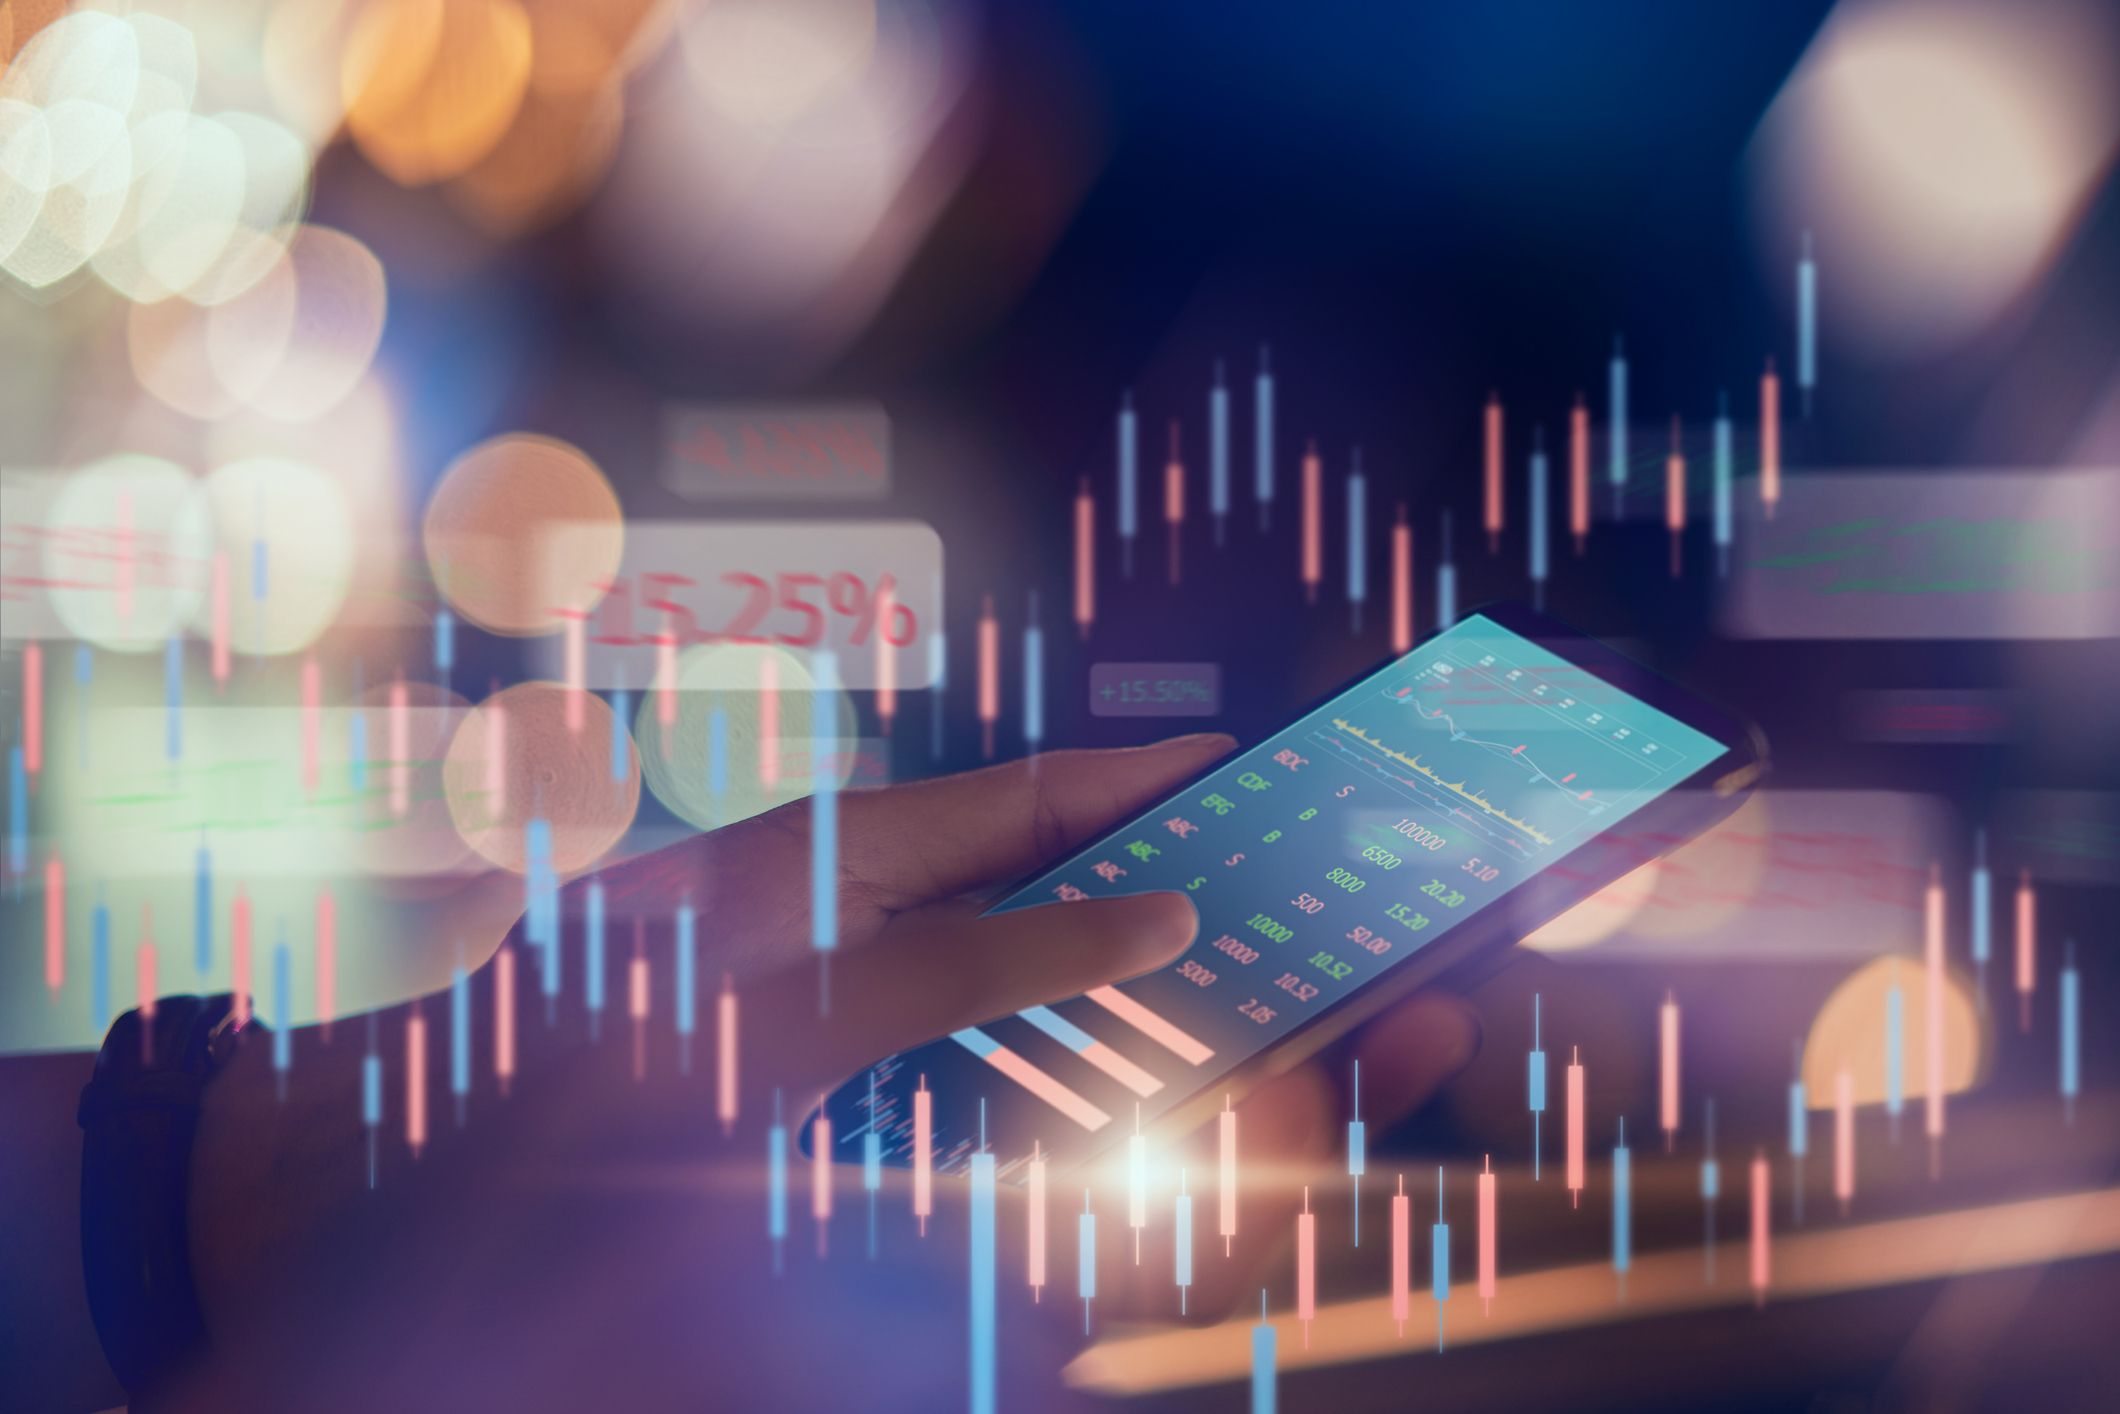 Qué son y cómo se aplican las estrategias de segmentación de mercado